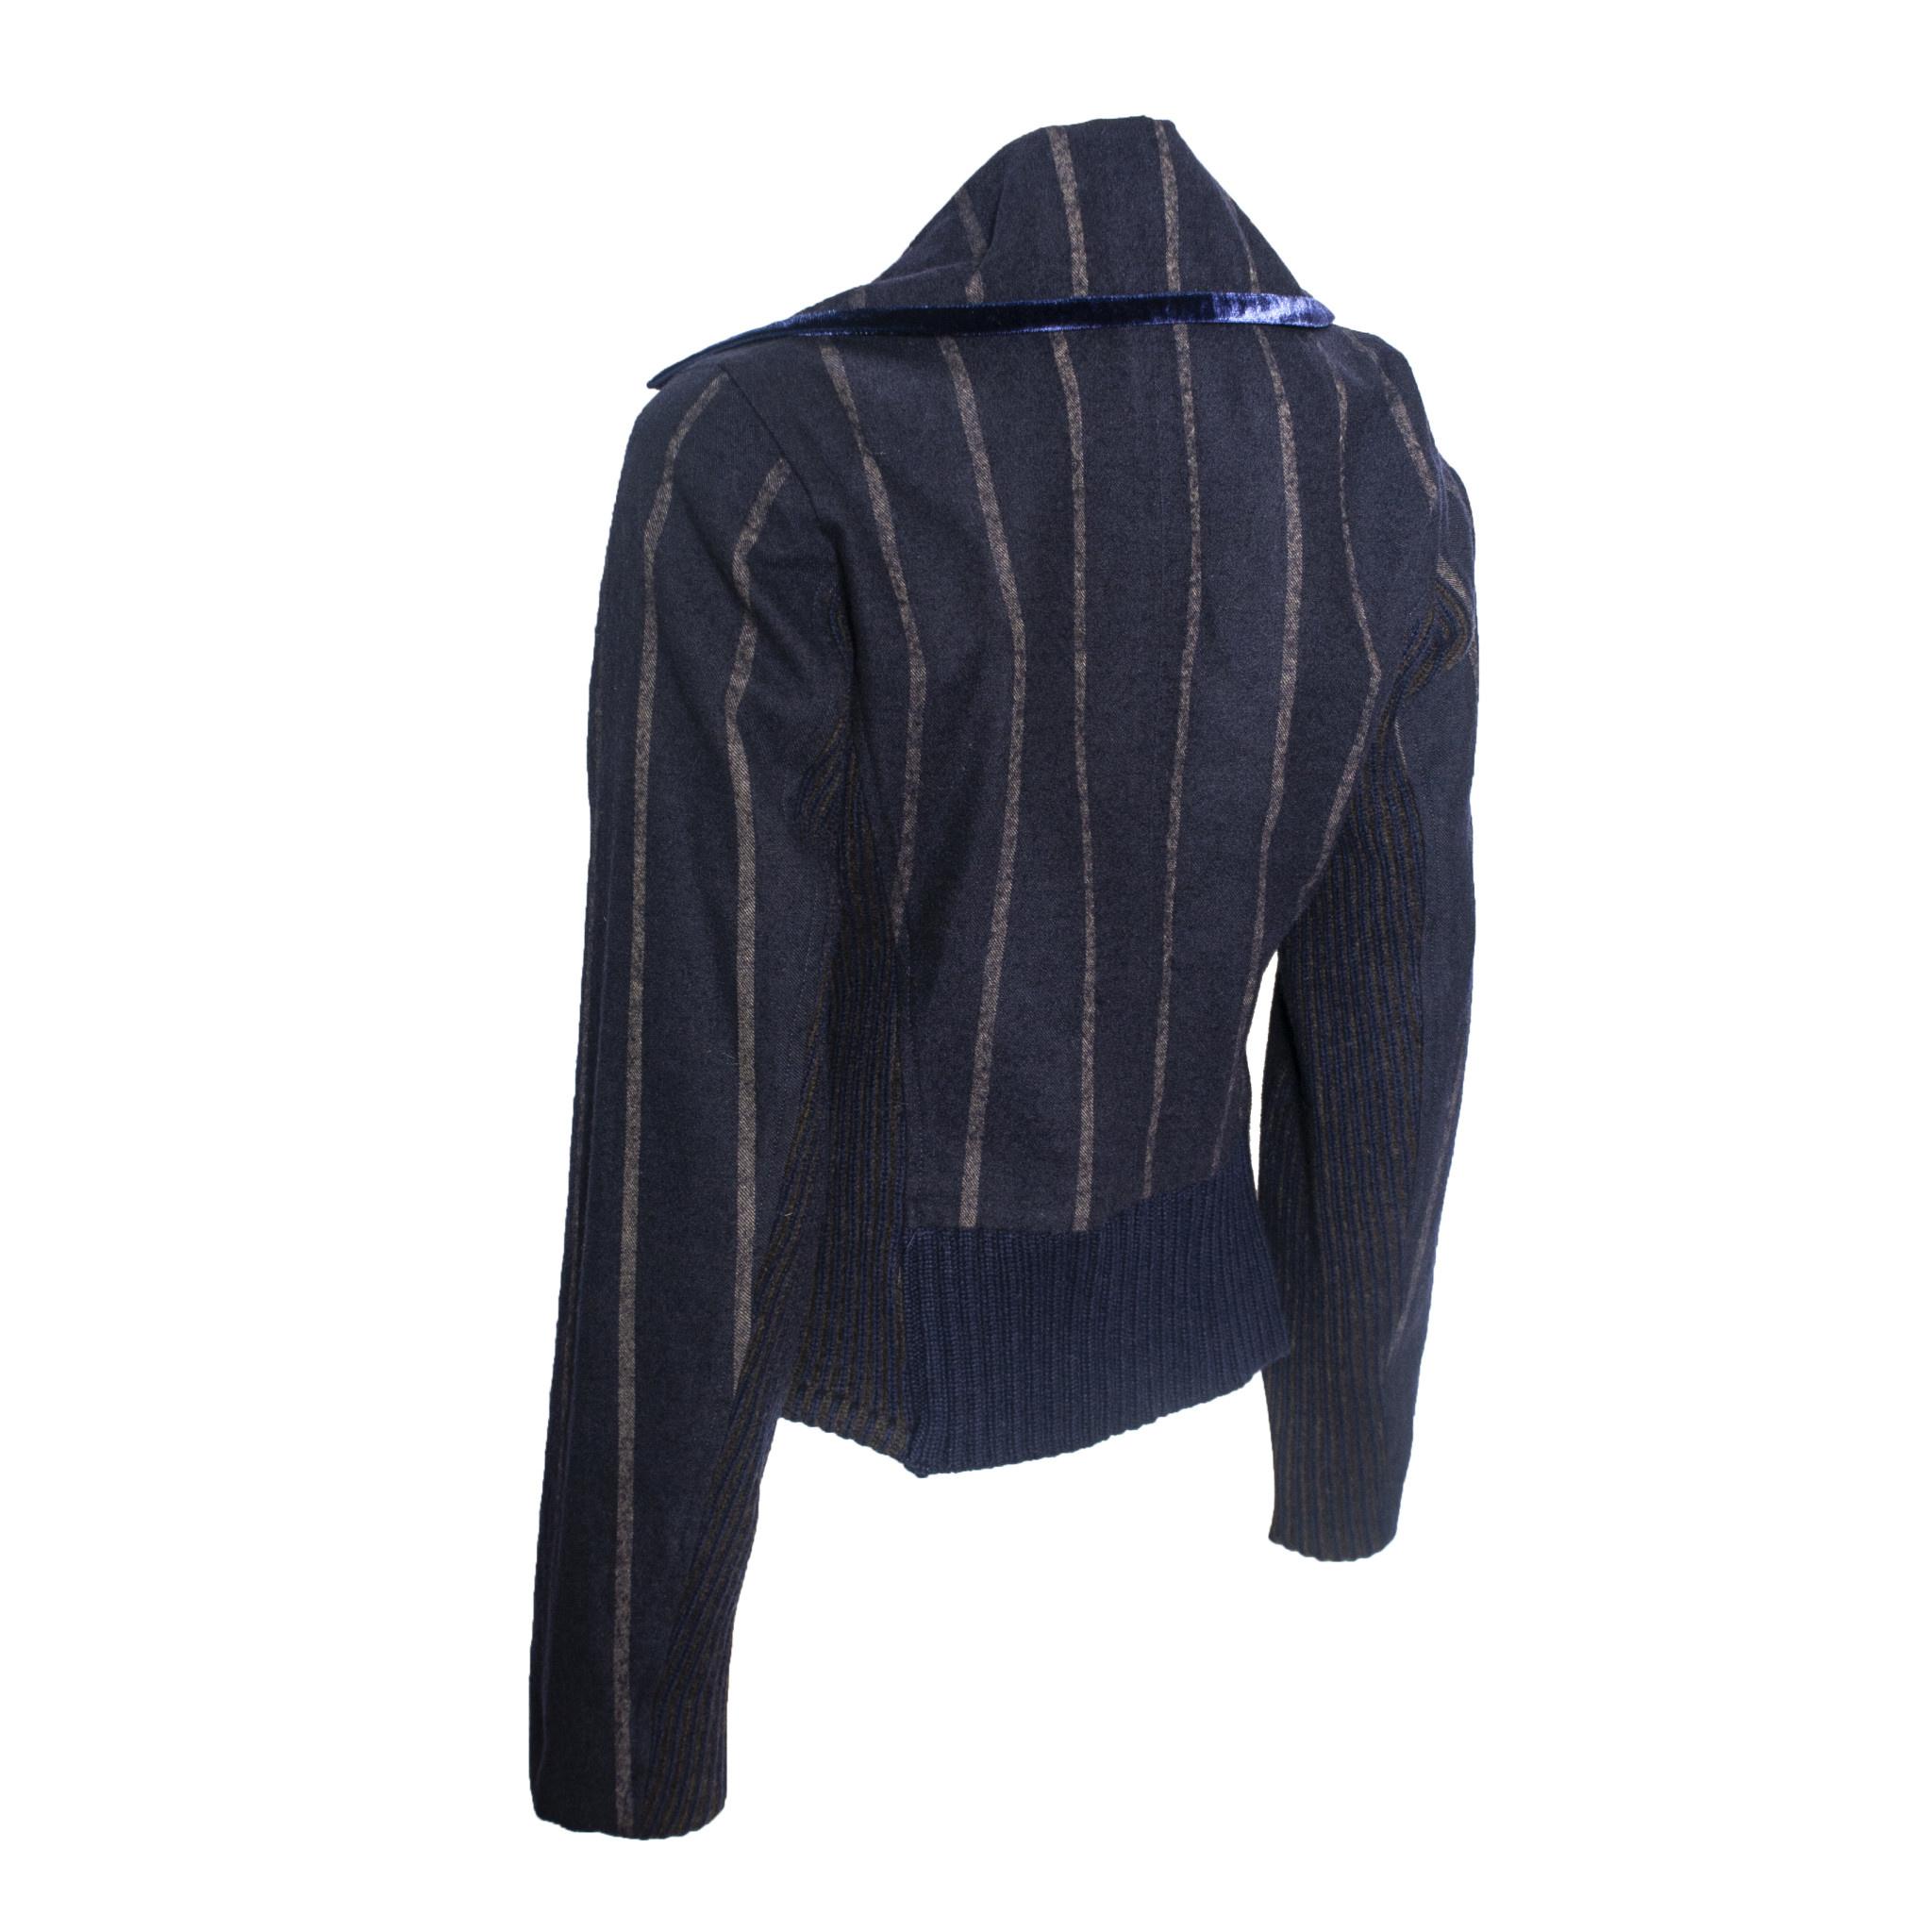 Yoshi Yoshi Yoshi Yoshi Stripe Zip Jacket - Navy